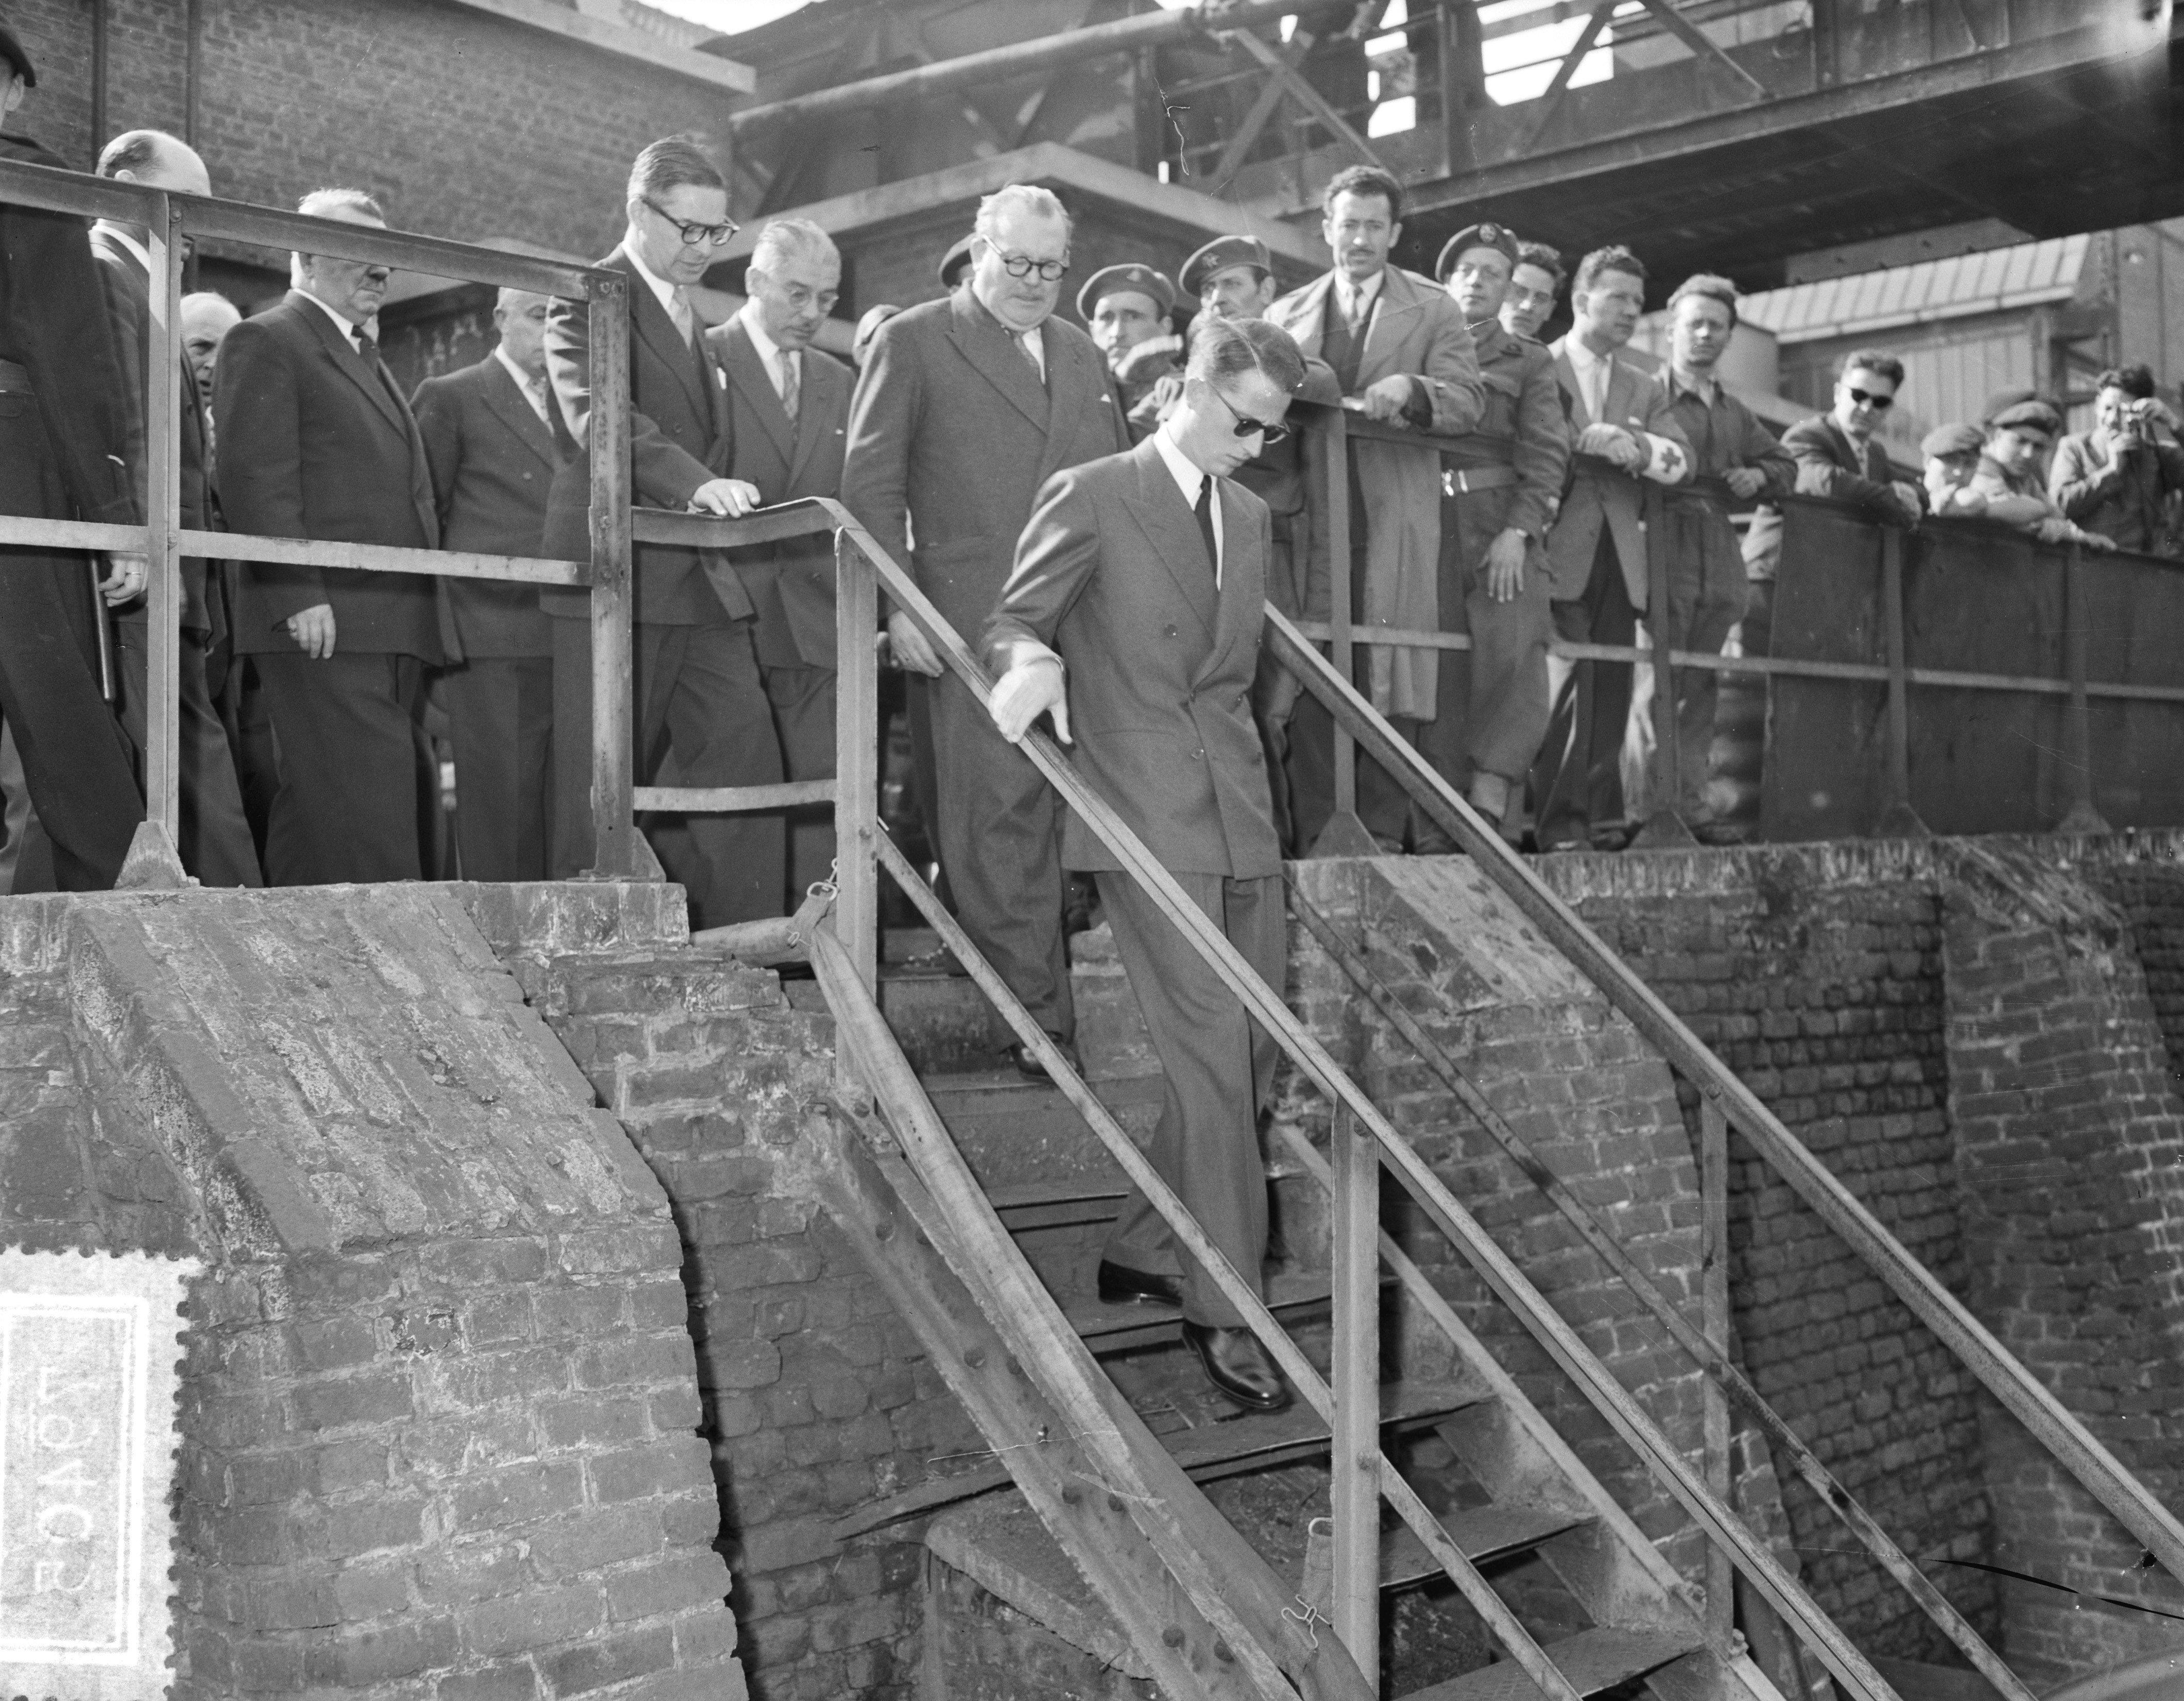 Re Baldovino e il primo ministro belga visitano il Bois du Cazier dopo il disastro di Marcinelle. Foto di Wim van Rossem, Nationaal Archief, via Wikimedia commons